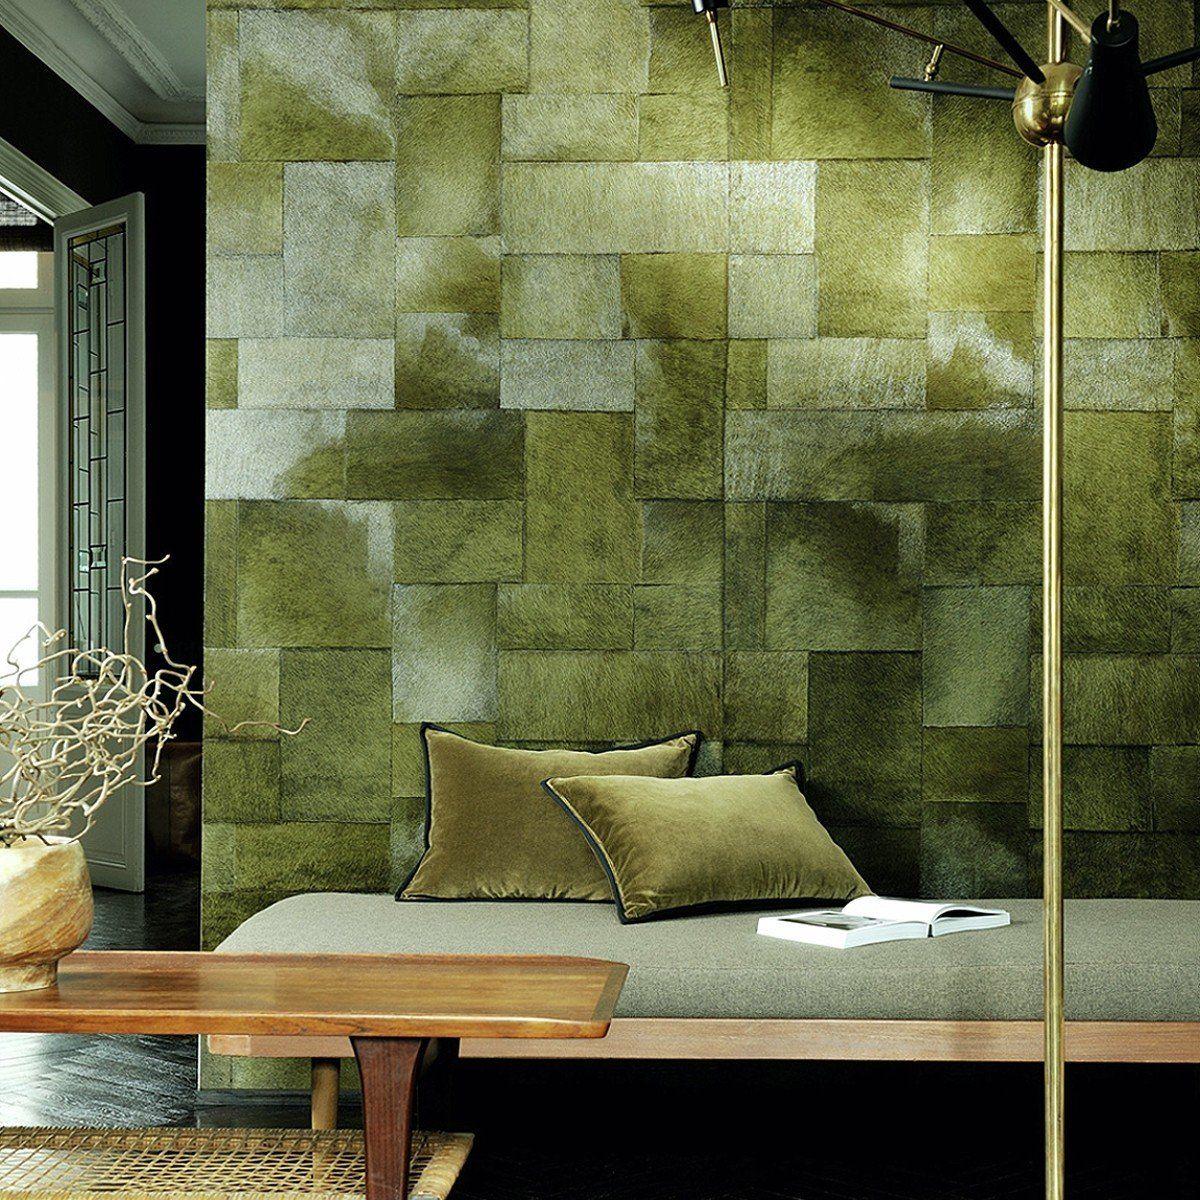 Tapete Appaloosa Col 15 Tapetenagentur De Moderne Muster Tapeten Modern